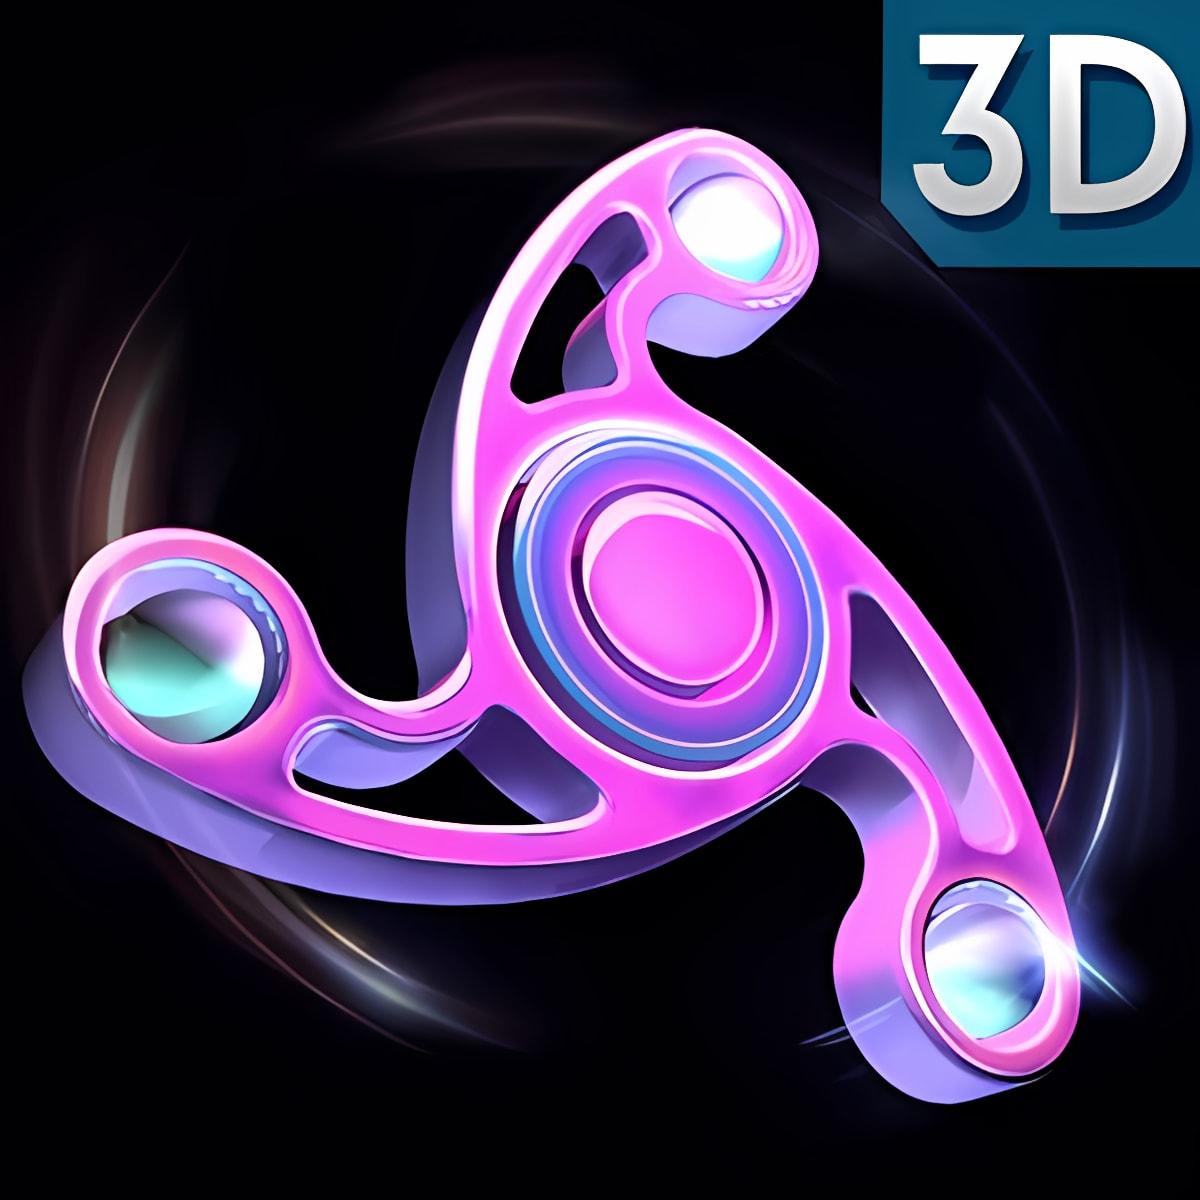 Fidget Spinner 3D 1.1